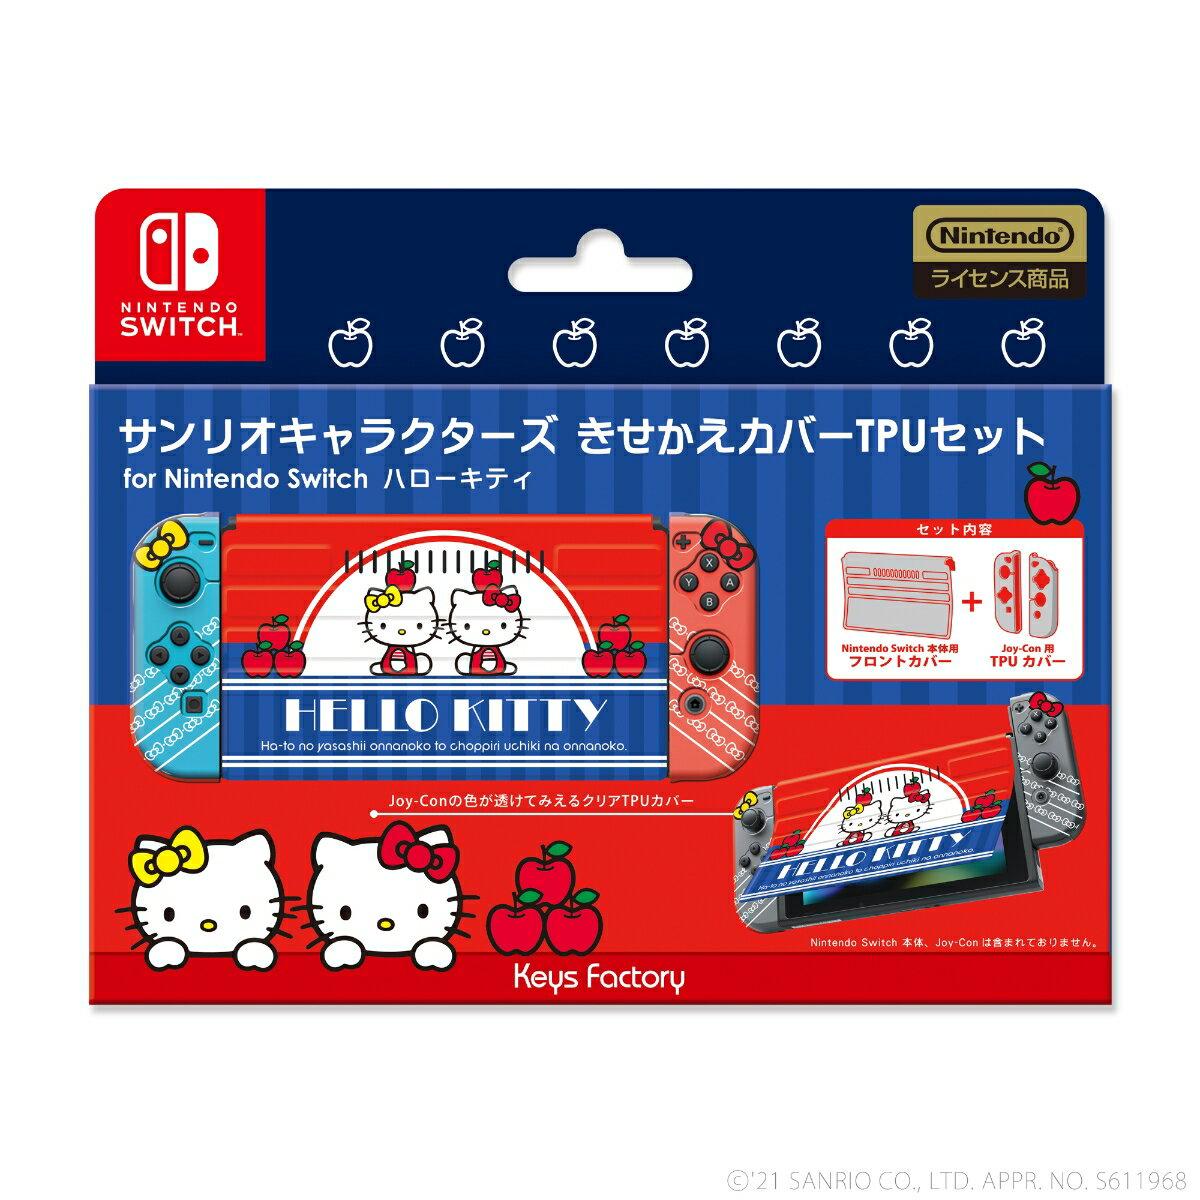 サンリオキャラクターズ きせかえカバーTPUセットfor Nintendo Switch ハローキティ